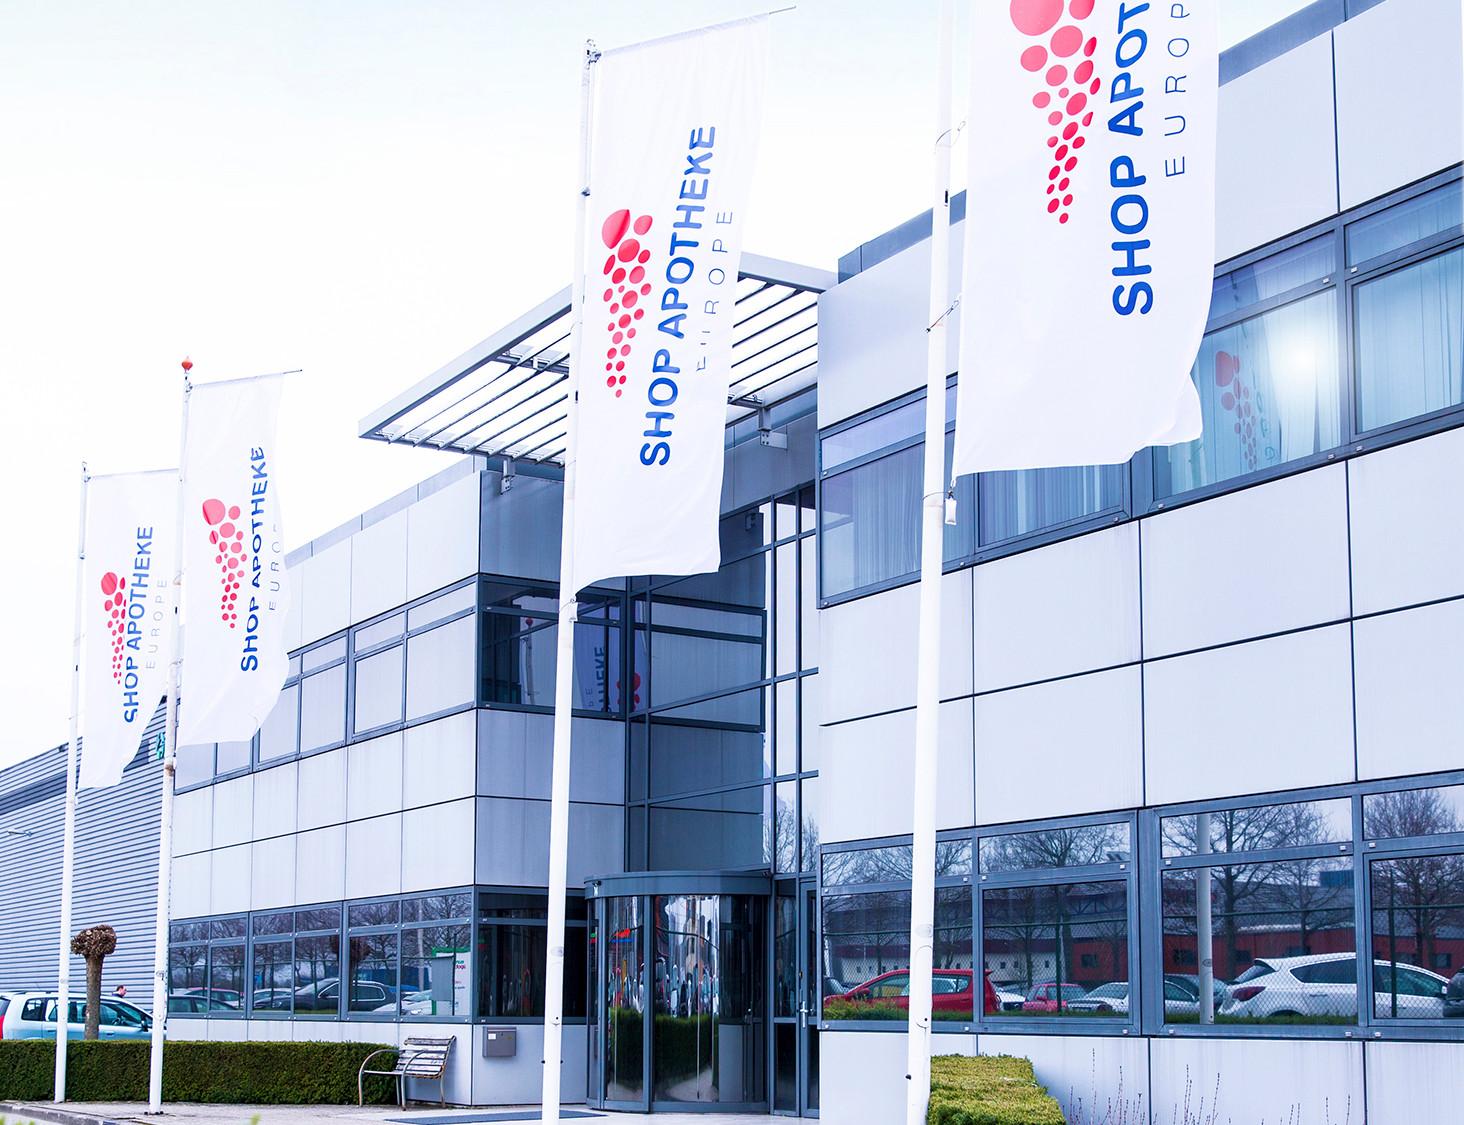 Jahresbilanz Shop Apotheke 20,20 Millionen Kunden mehr   PZ ...